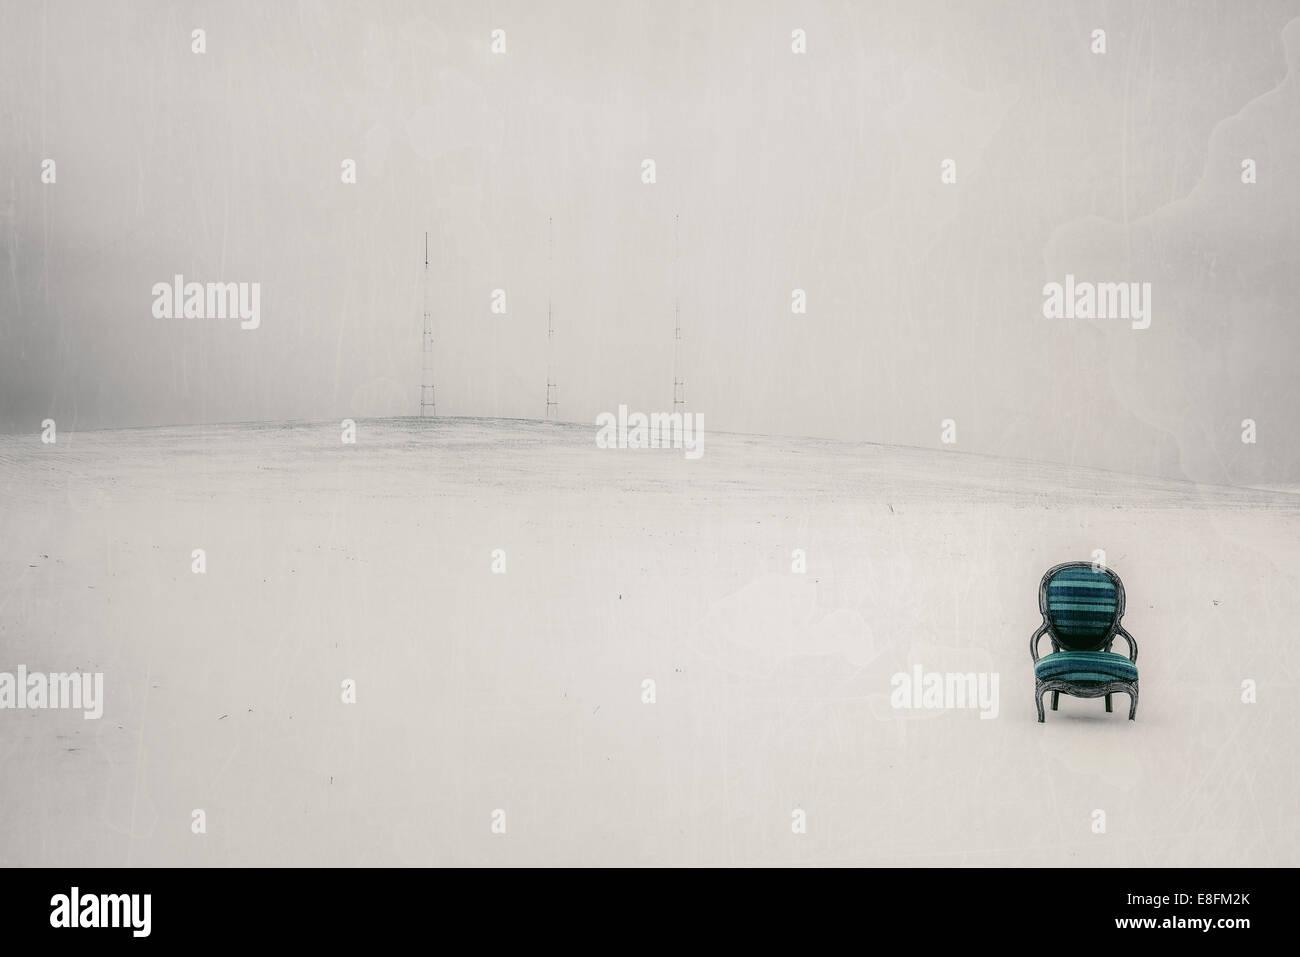 Estados Unidos, Iowa, Cedar Rapids, silla en azul y verde paisaje blanco Imagen De Stock